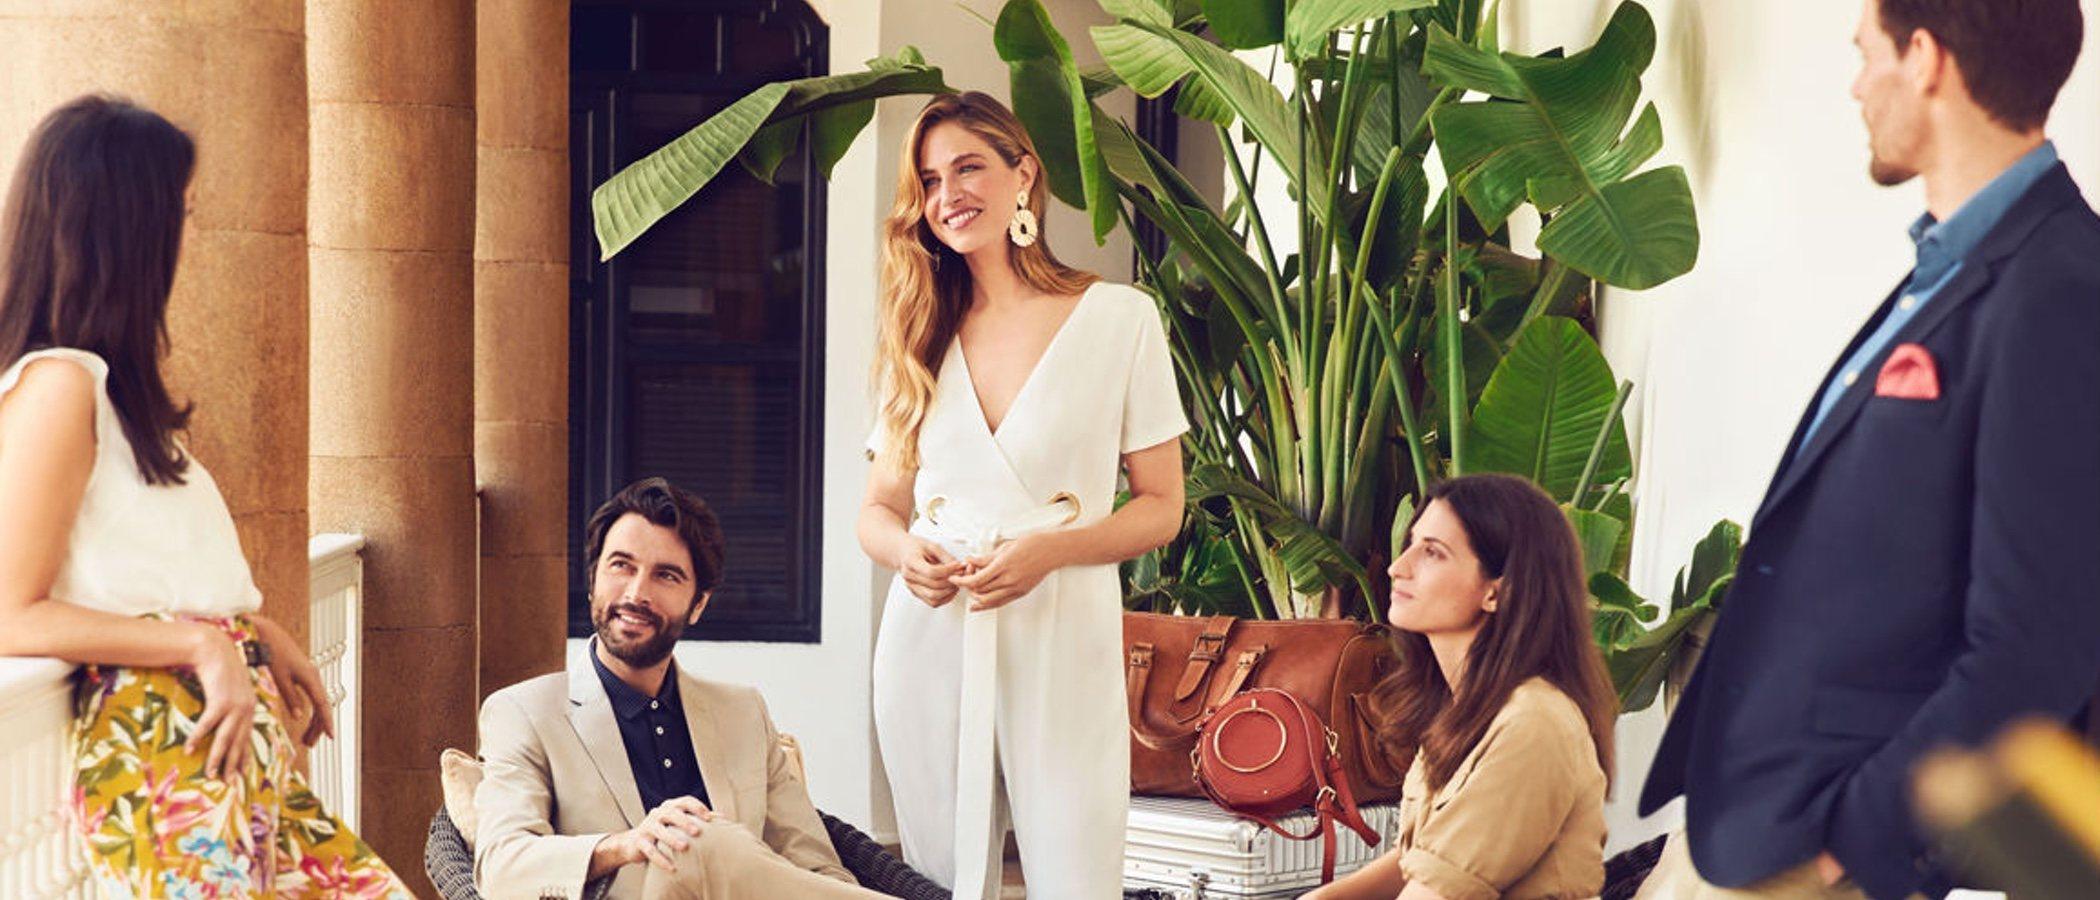 Martina Klein, Eva González y Javier Rey protagonistas de la nueva campaña de Cortefiel